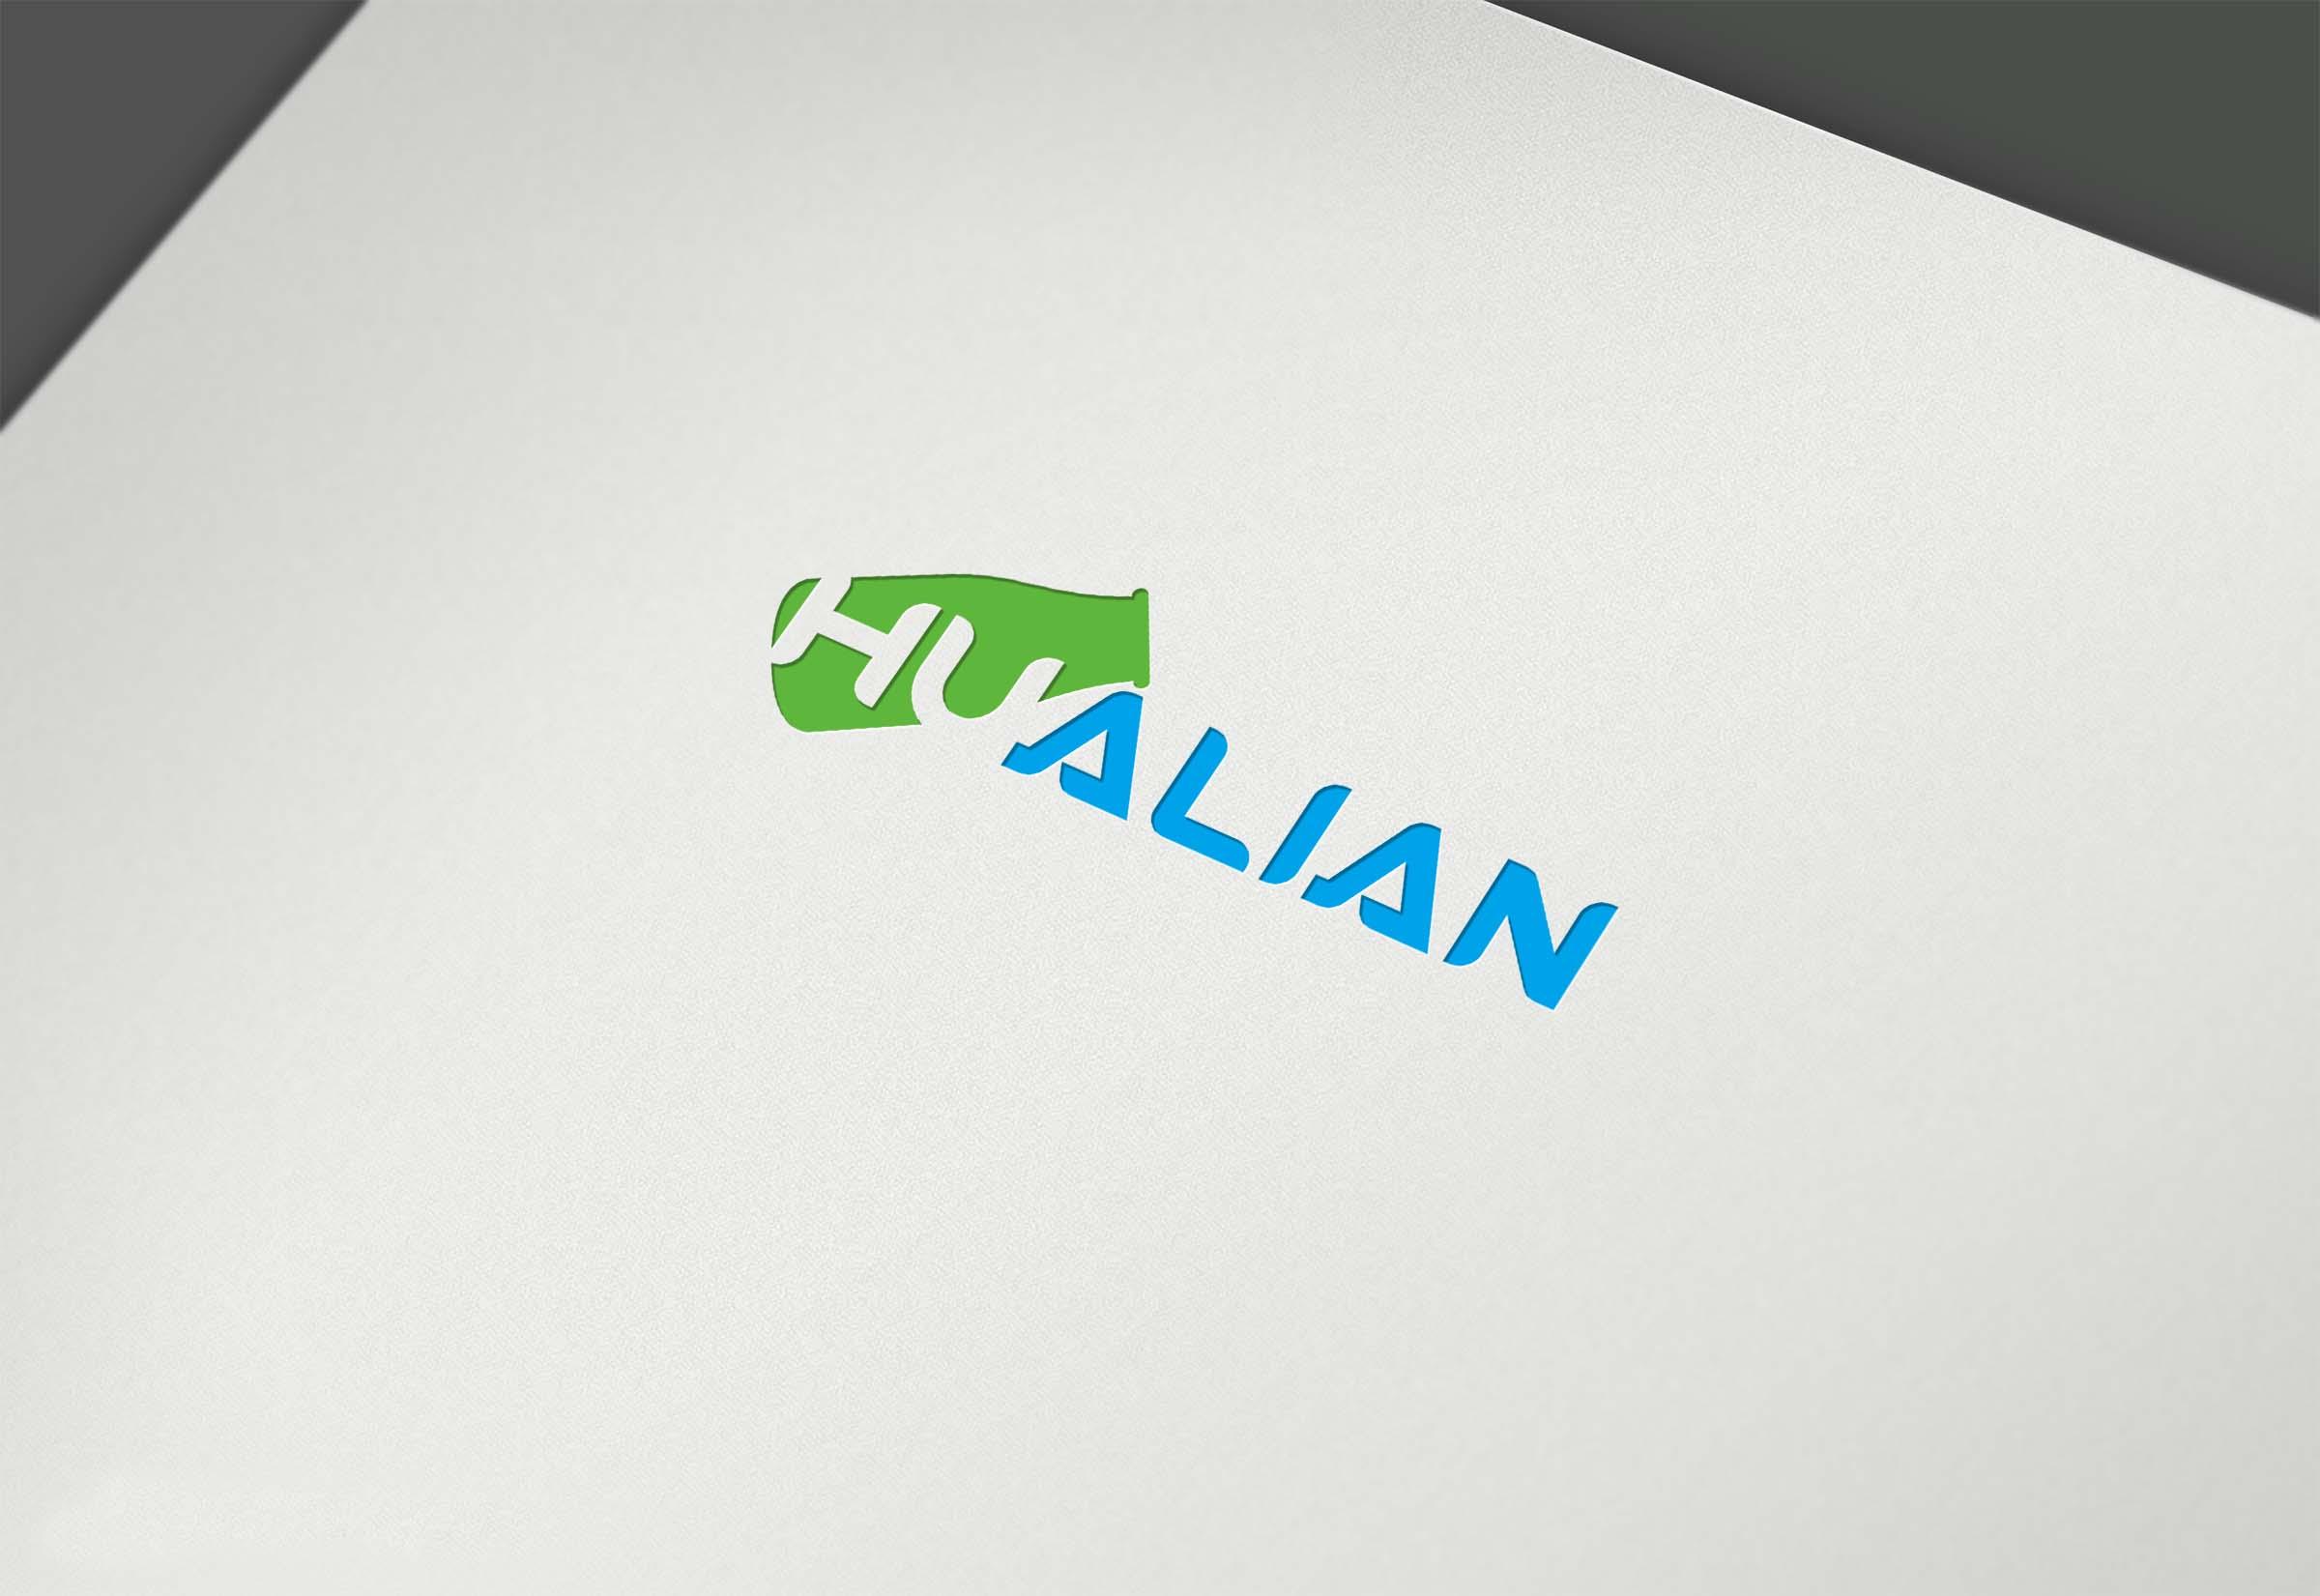 设计一个网站logo(加了新内容)_2959344_k68威客网